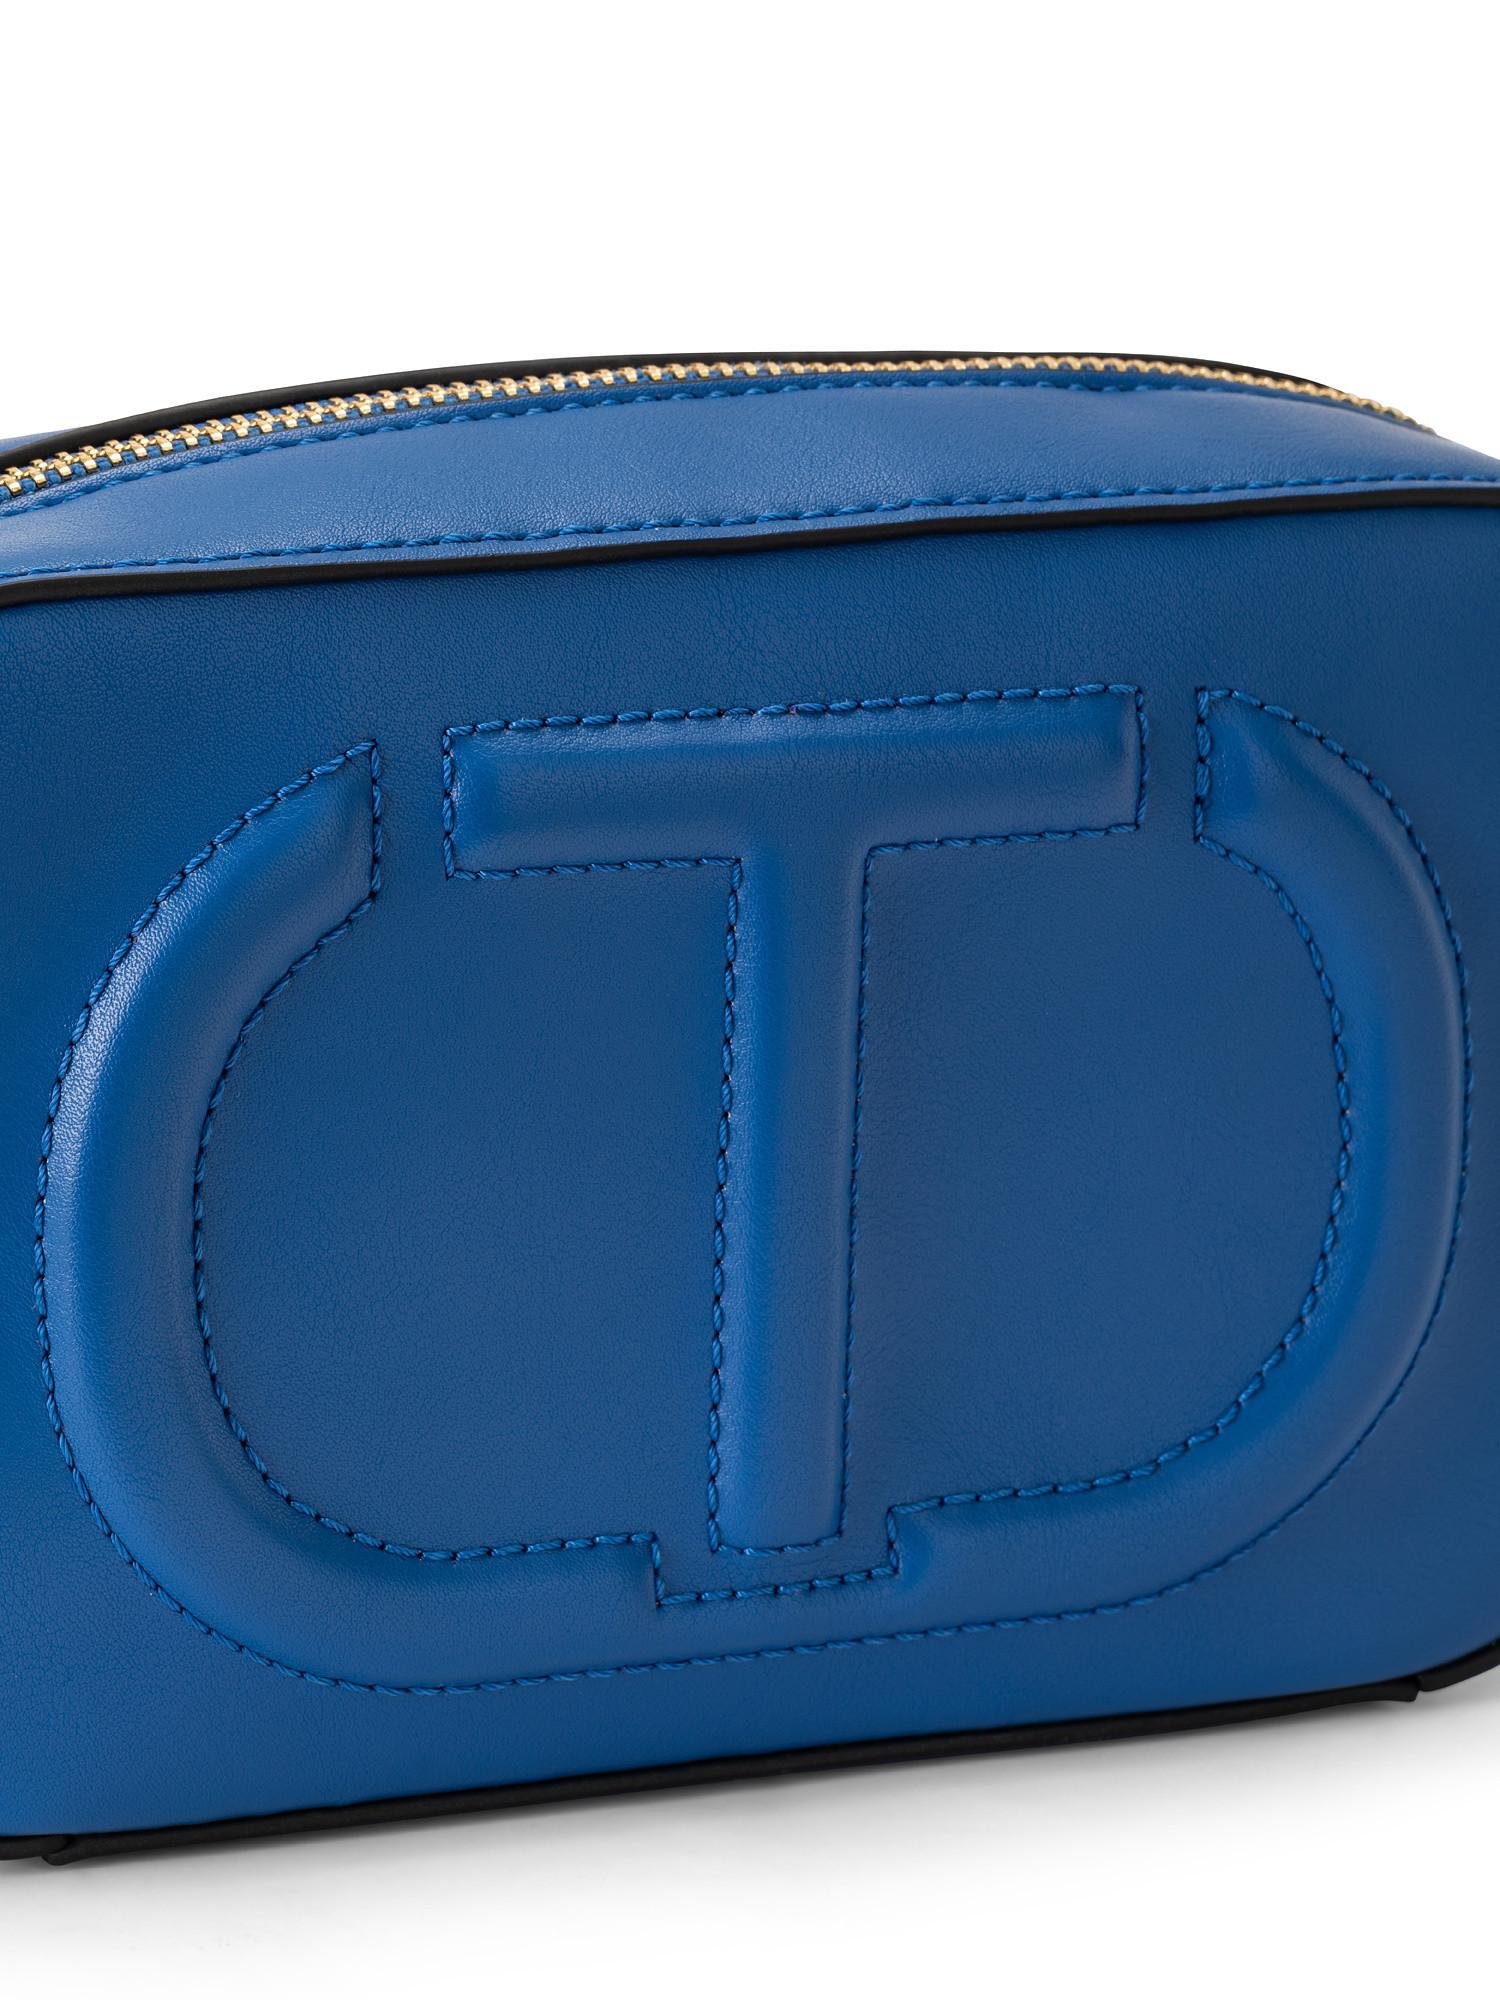 Tracolla piccola con zip e maxi logo trapuntato, Blu, large image number 2